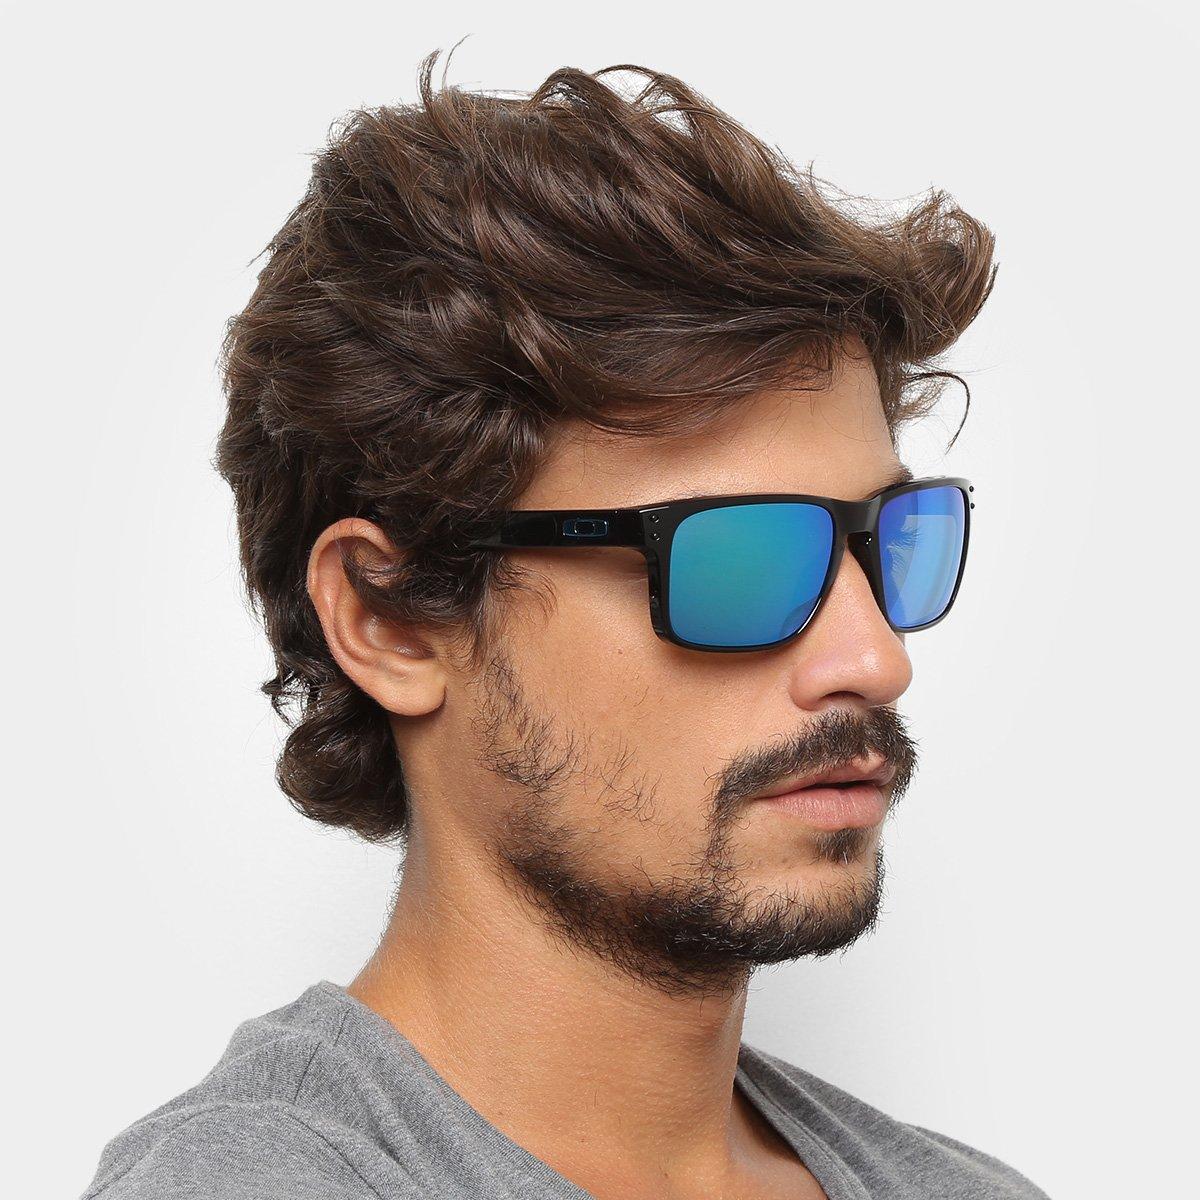 ebee59b83 Óculos de Sol Oakley Holbrook Prizm Tartaruga Masculino | Livelo -Sua Vida  com Mais Recompensas